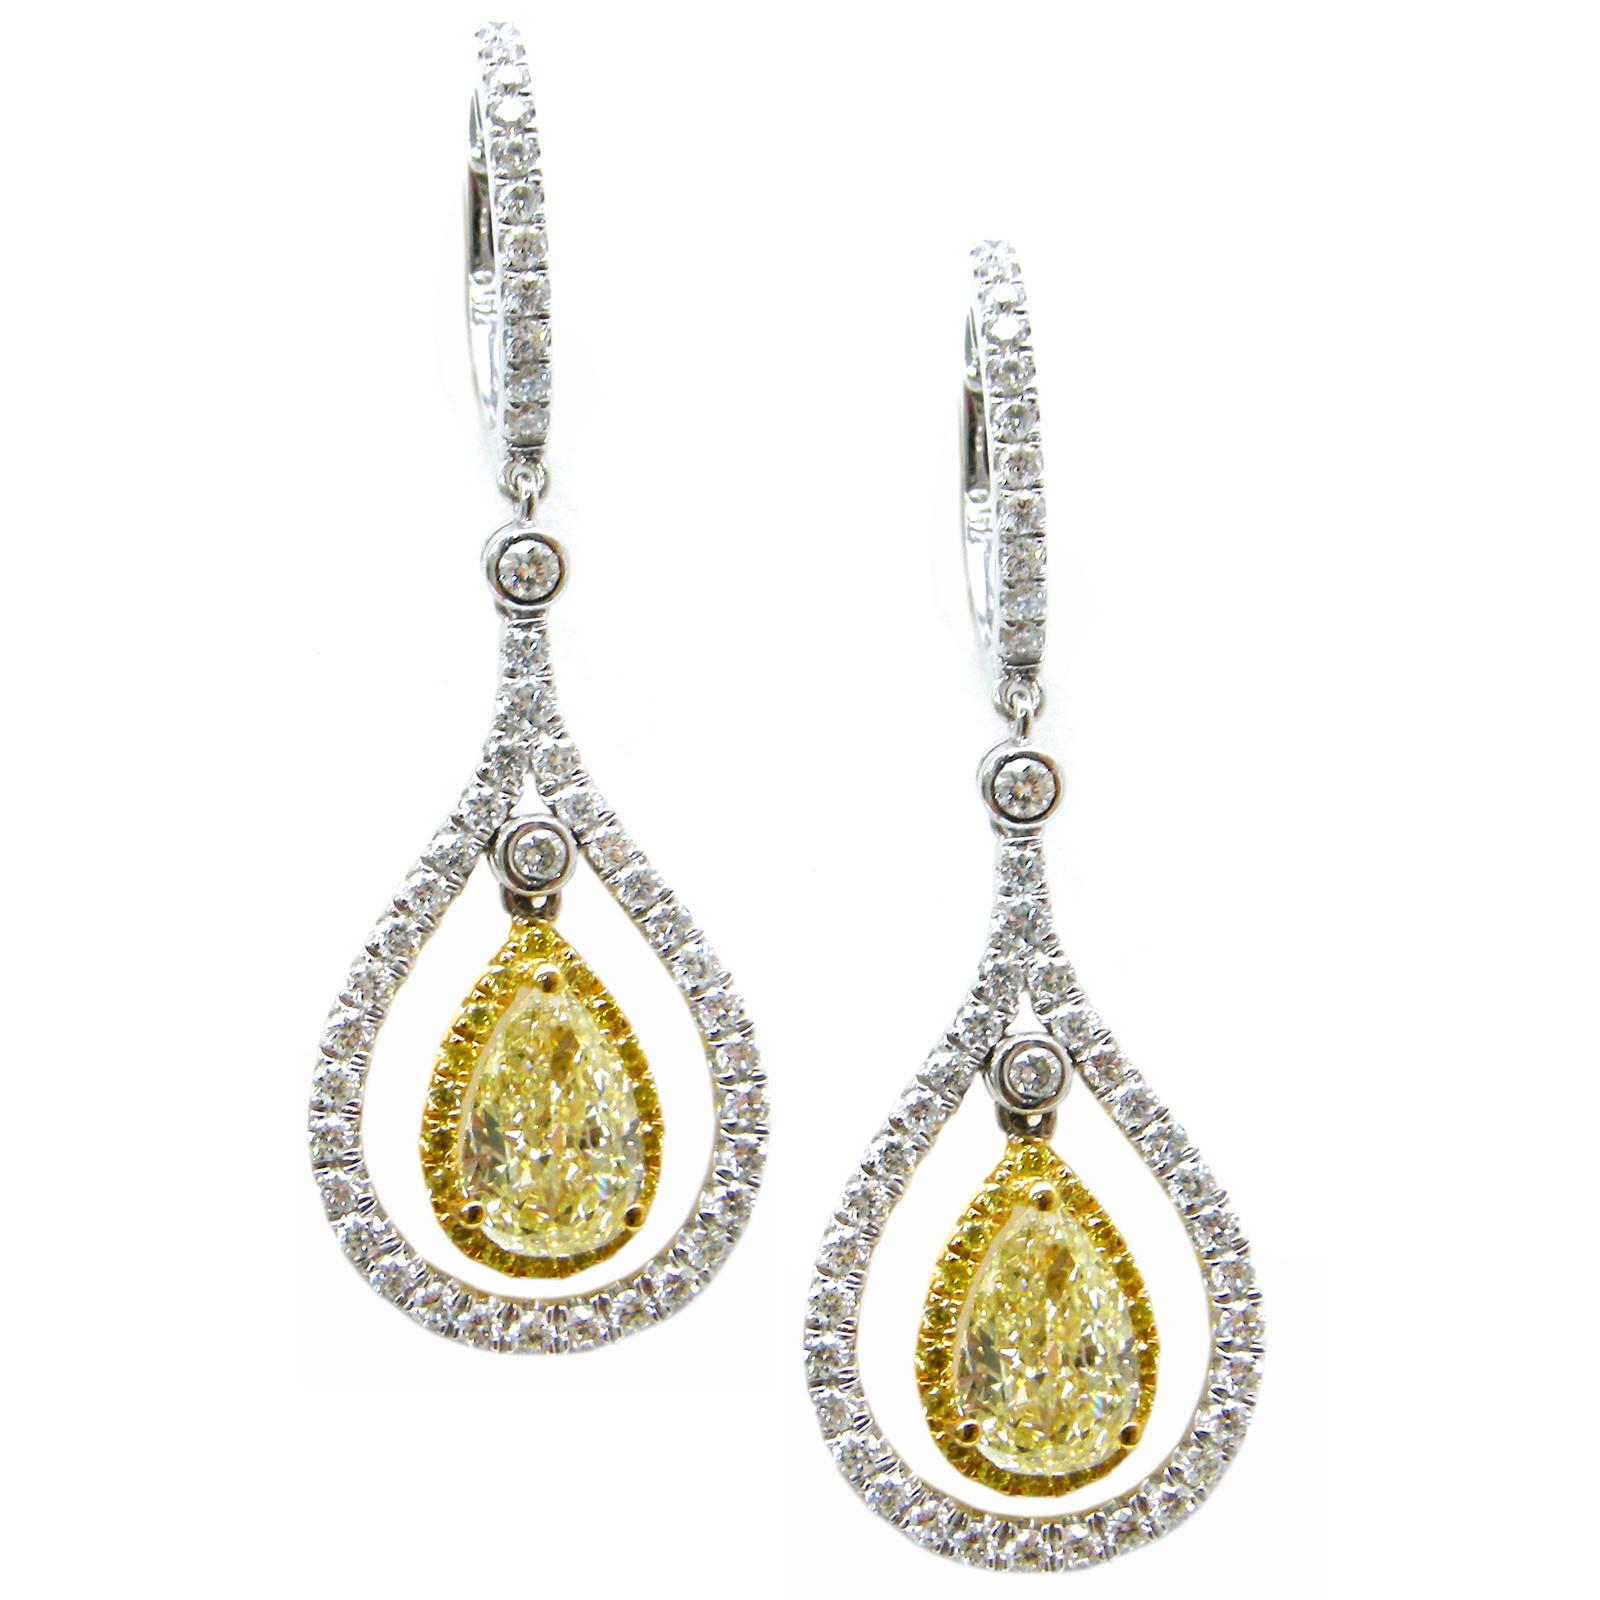 FANCY YELLOW DIAMOND EARRINGS